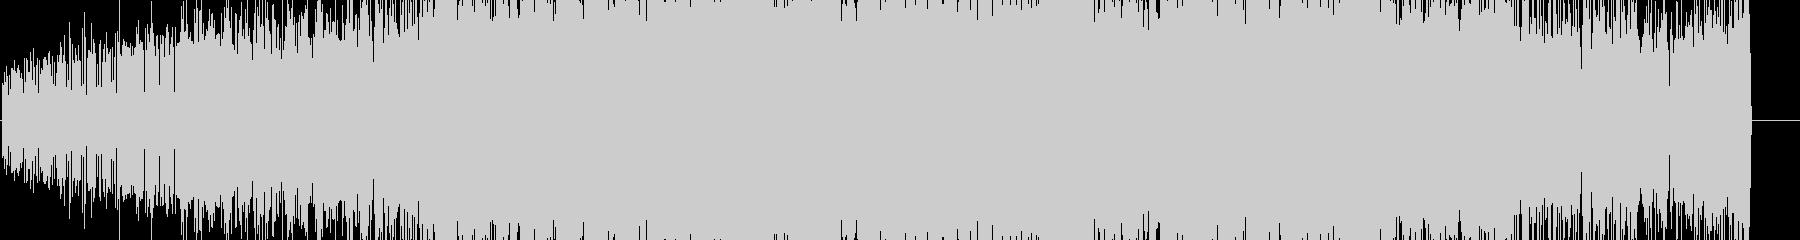 シンセを使った近未来風BGMの未再生の波形